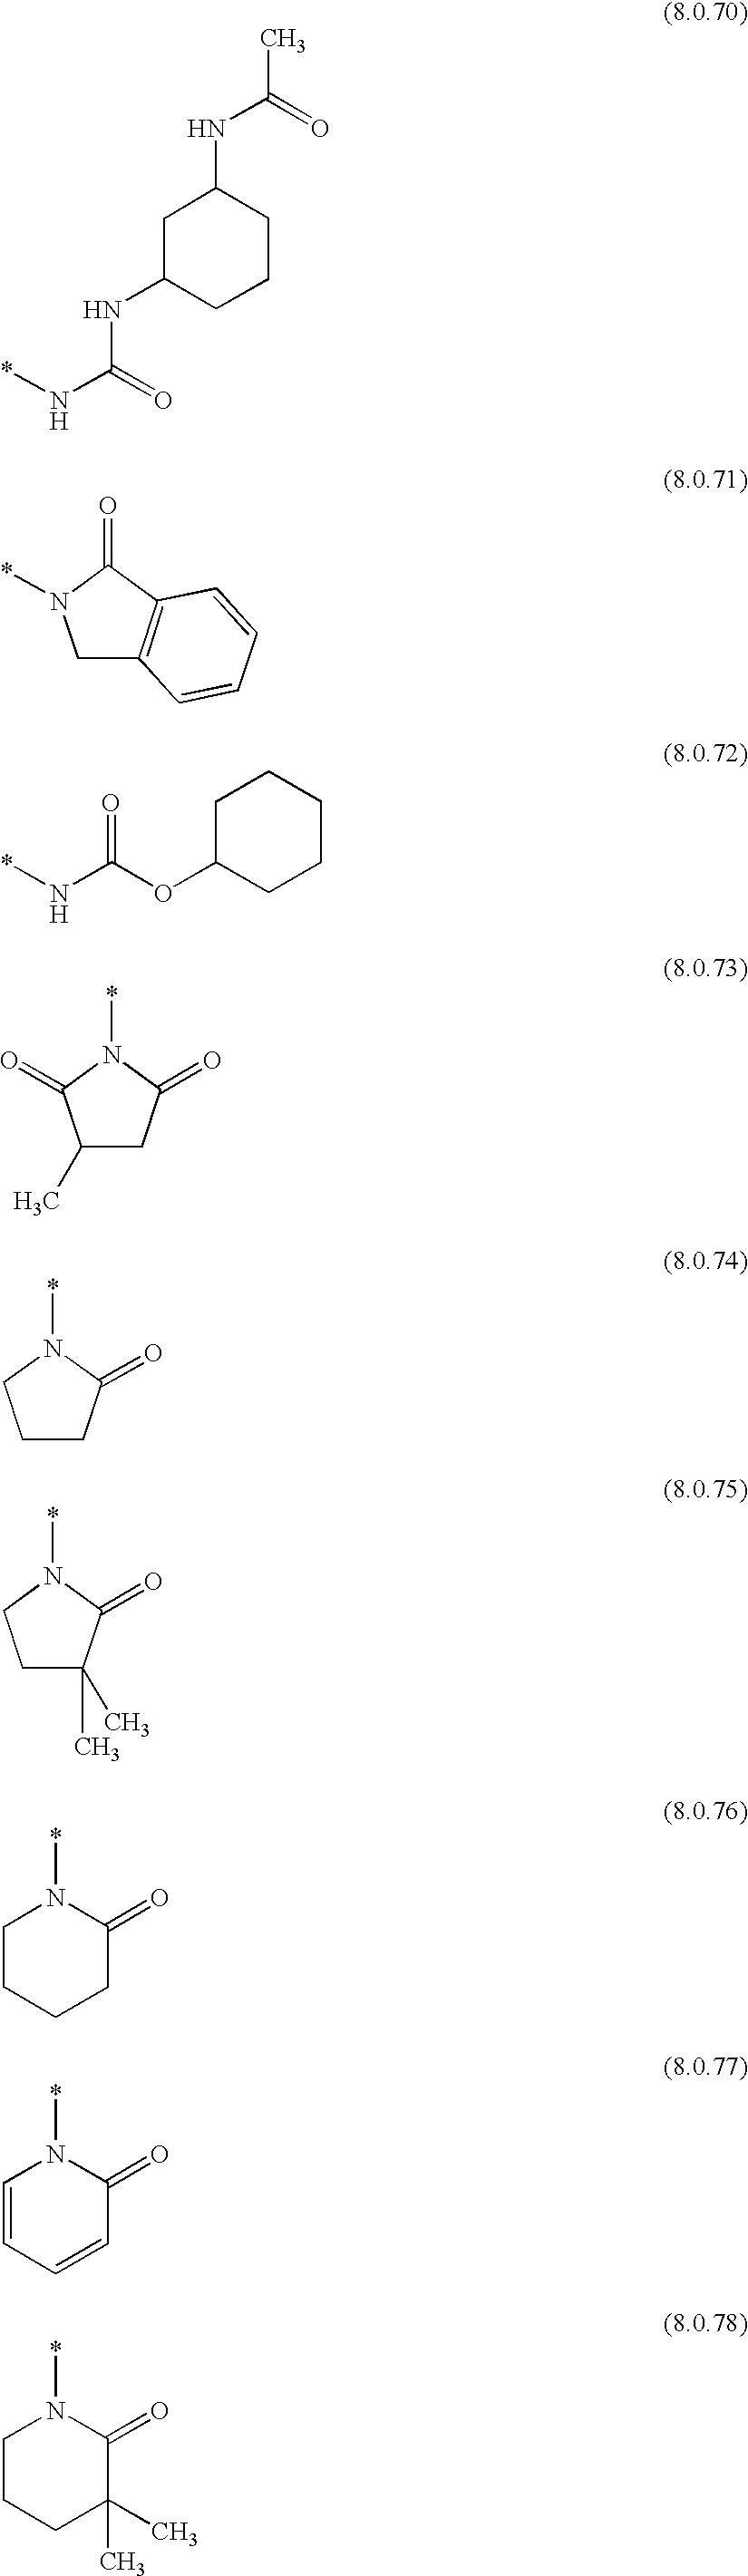 Figure US20030186974A1-20031002-C00212